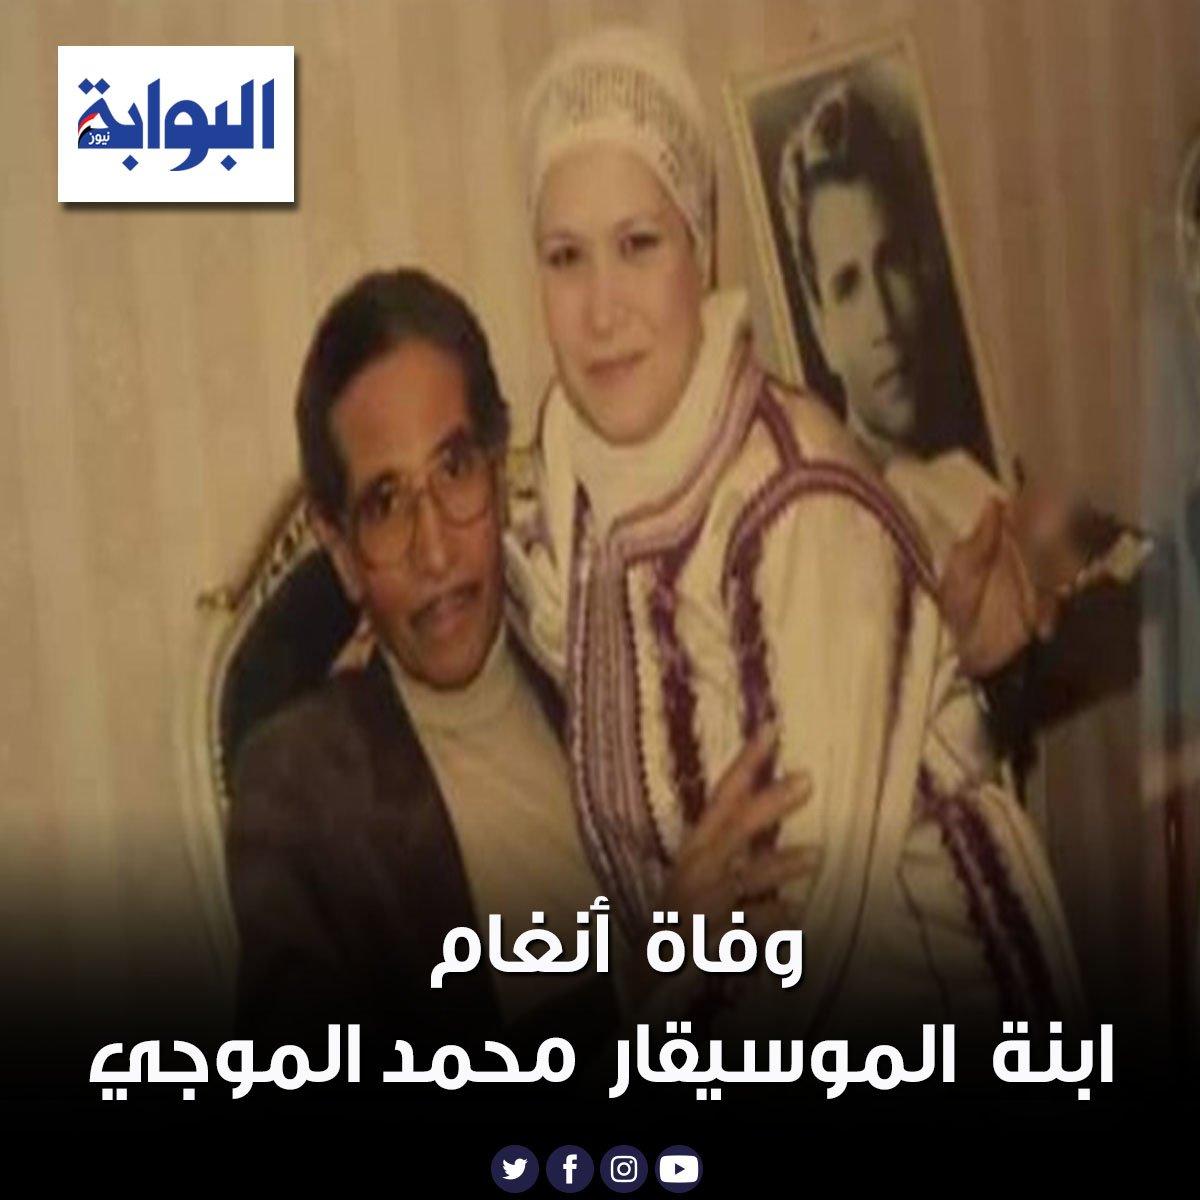 وفاة أنغام ابنة الموسيقار محمد الموجي التفاصيل